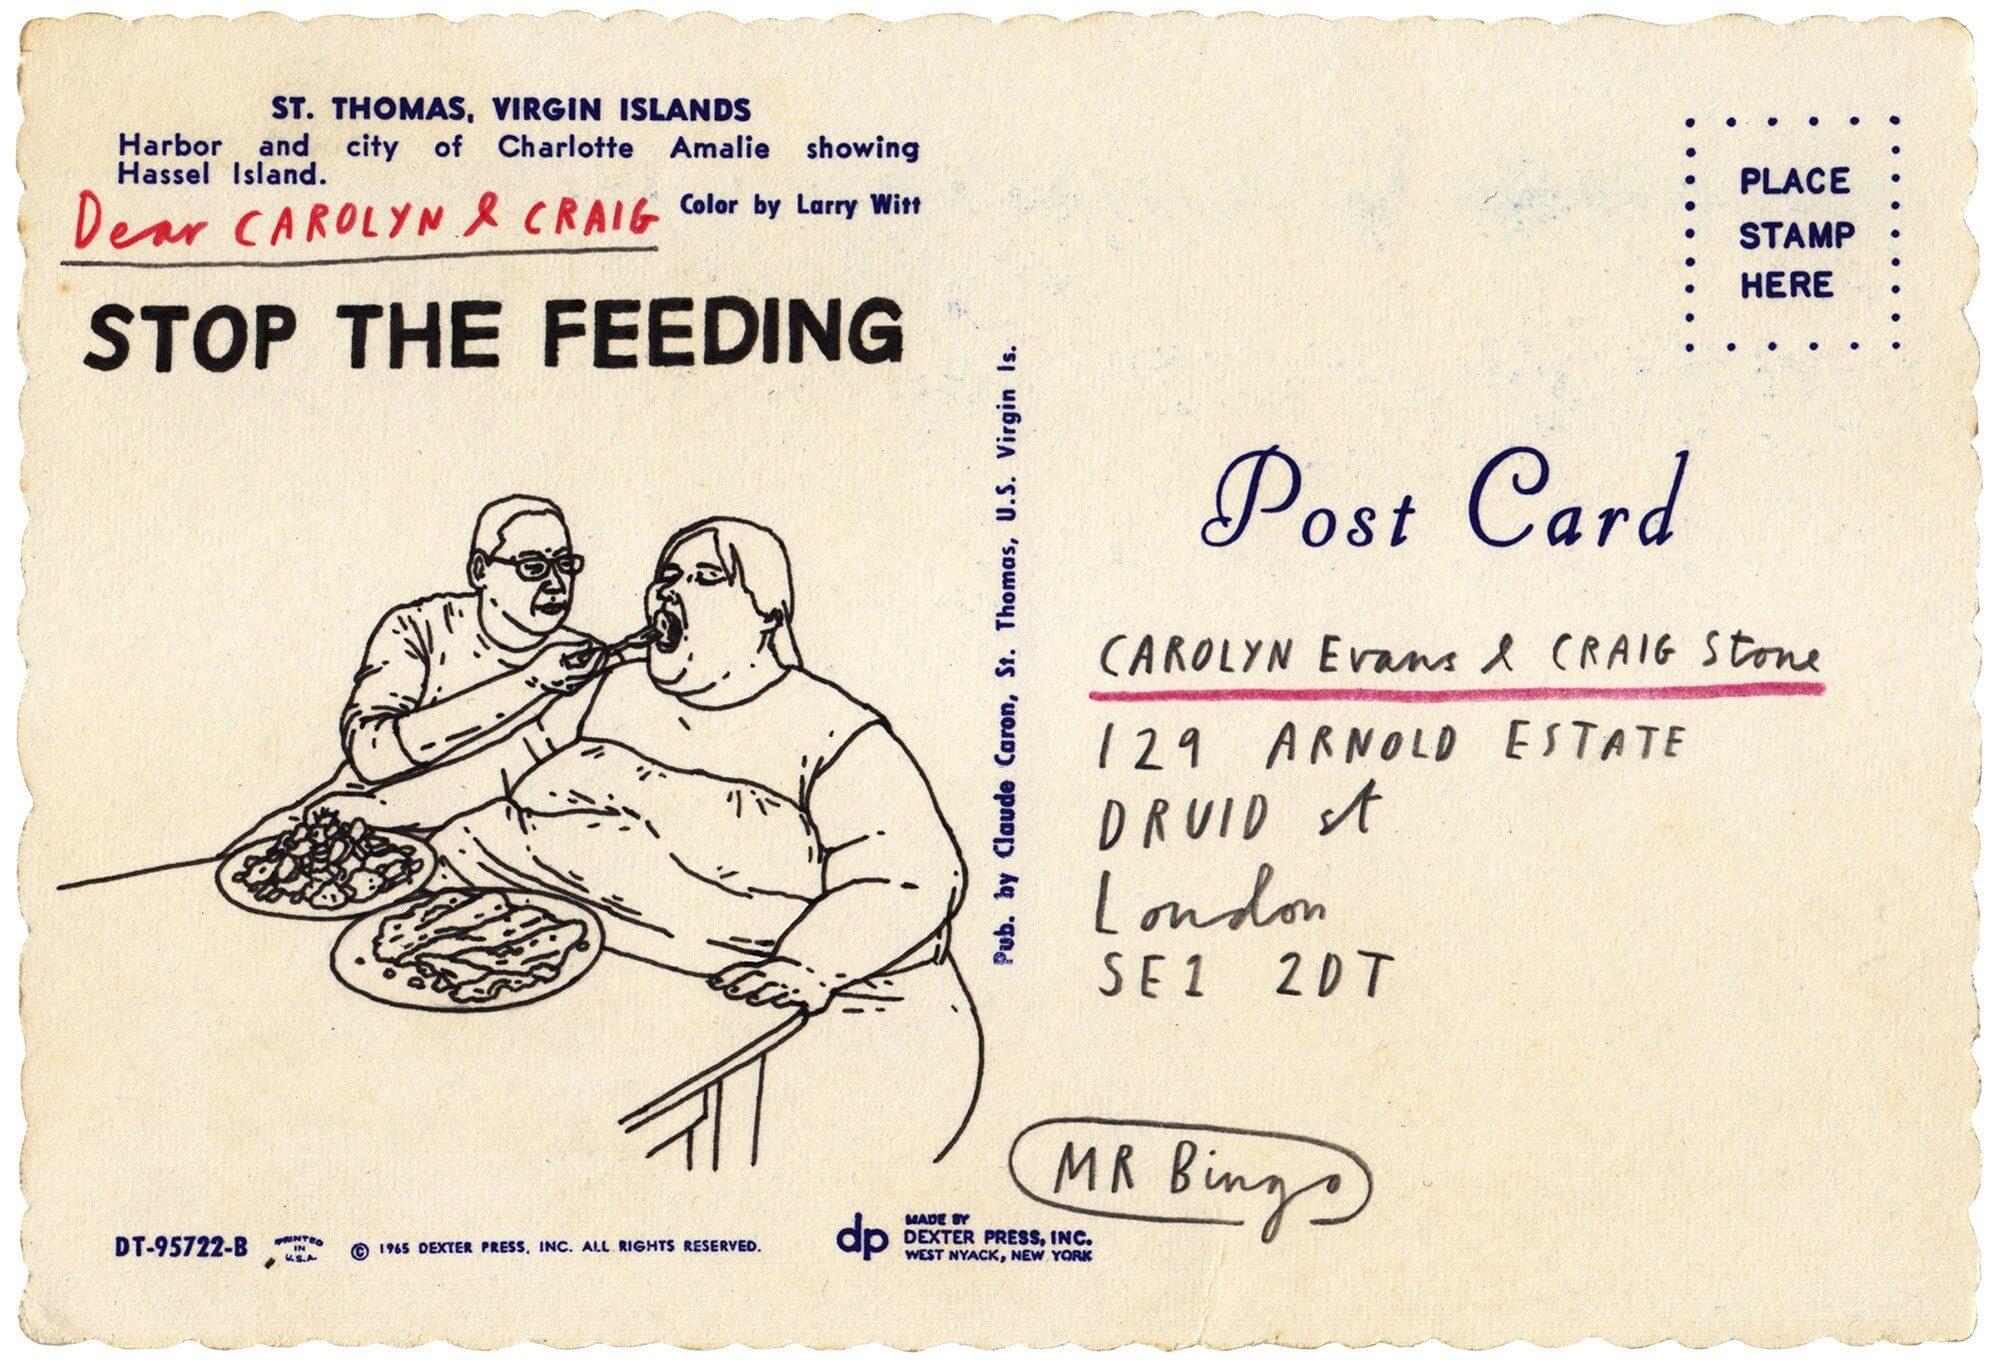 Stop feeding, un insulto en una postal de mr. bingo